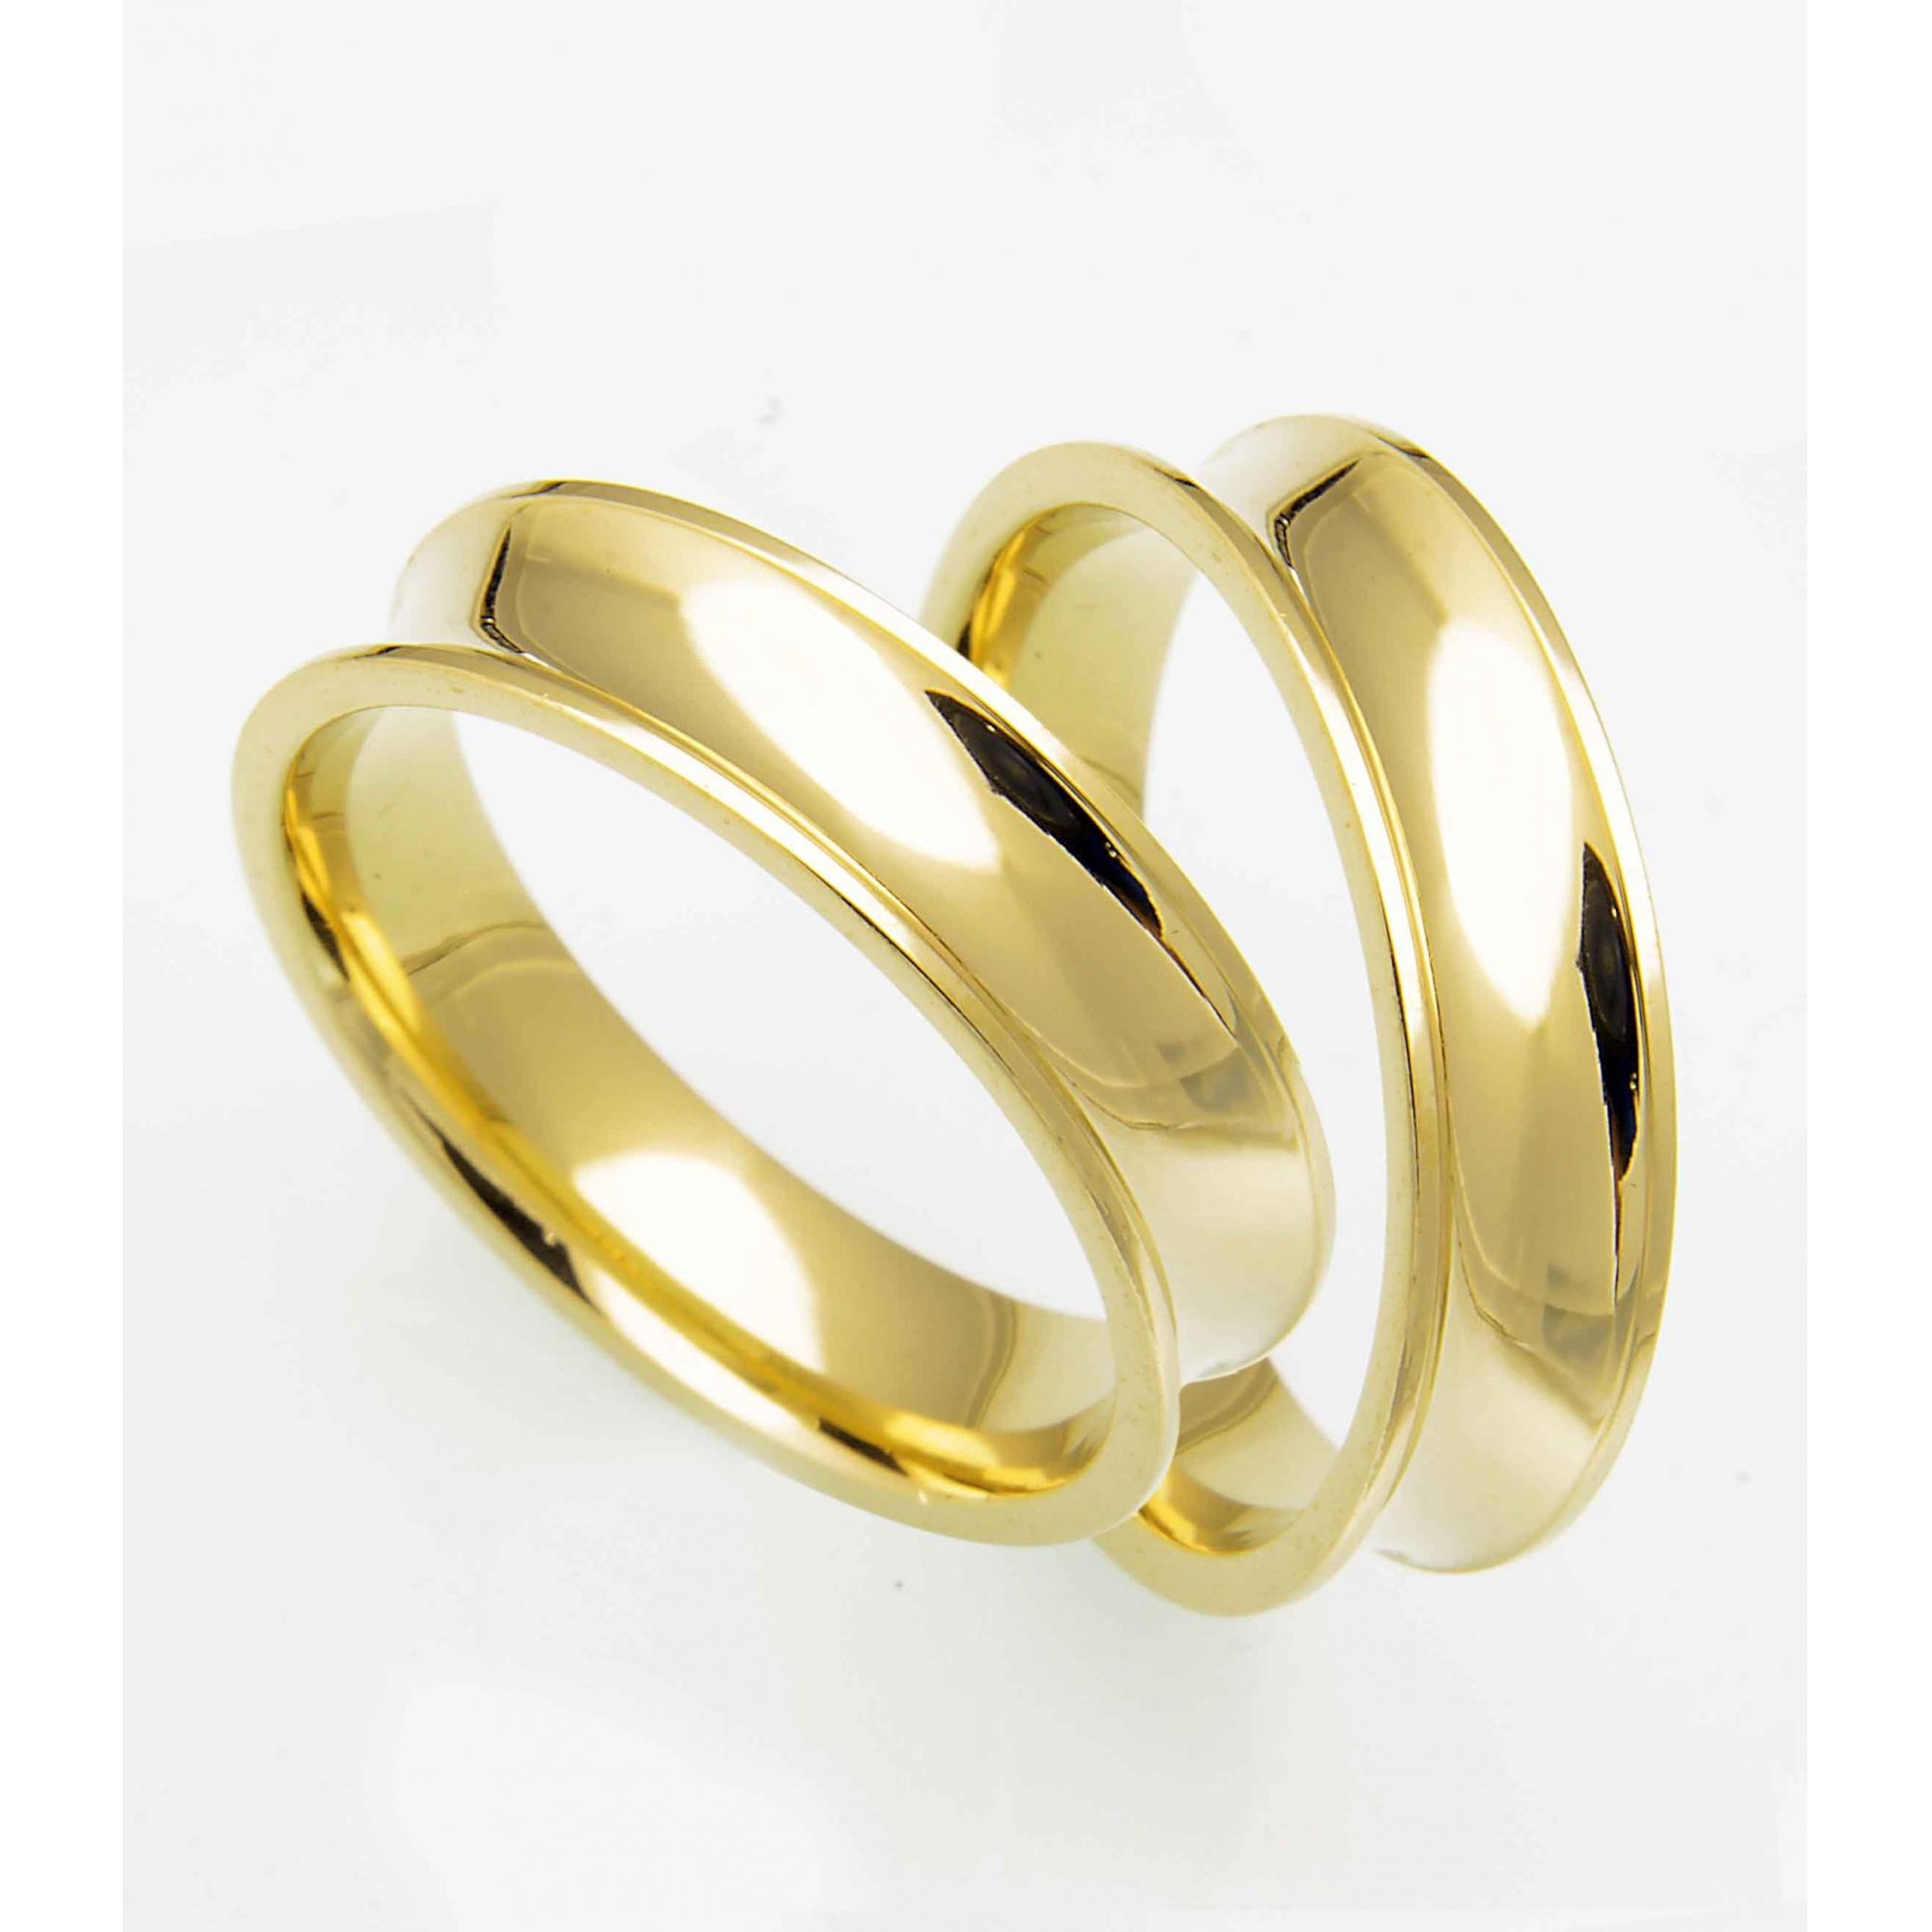 Aliança Côncava Anatômica de Casamento em Ouro 18k  (5mm)